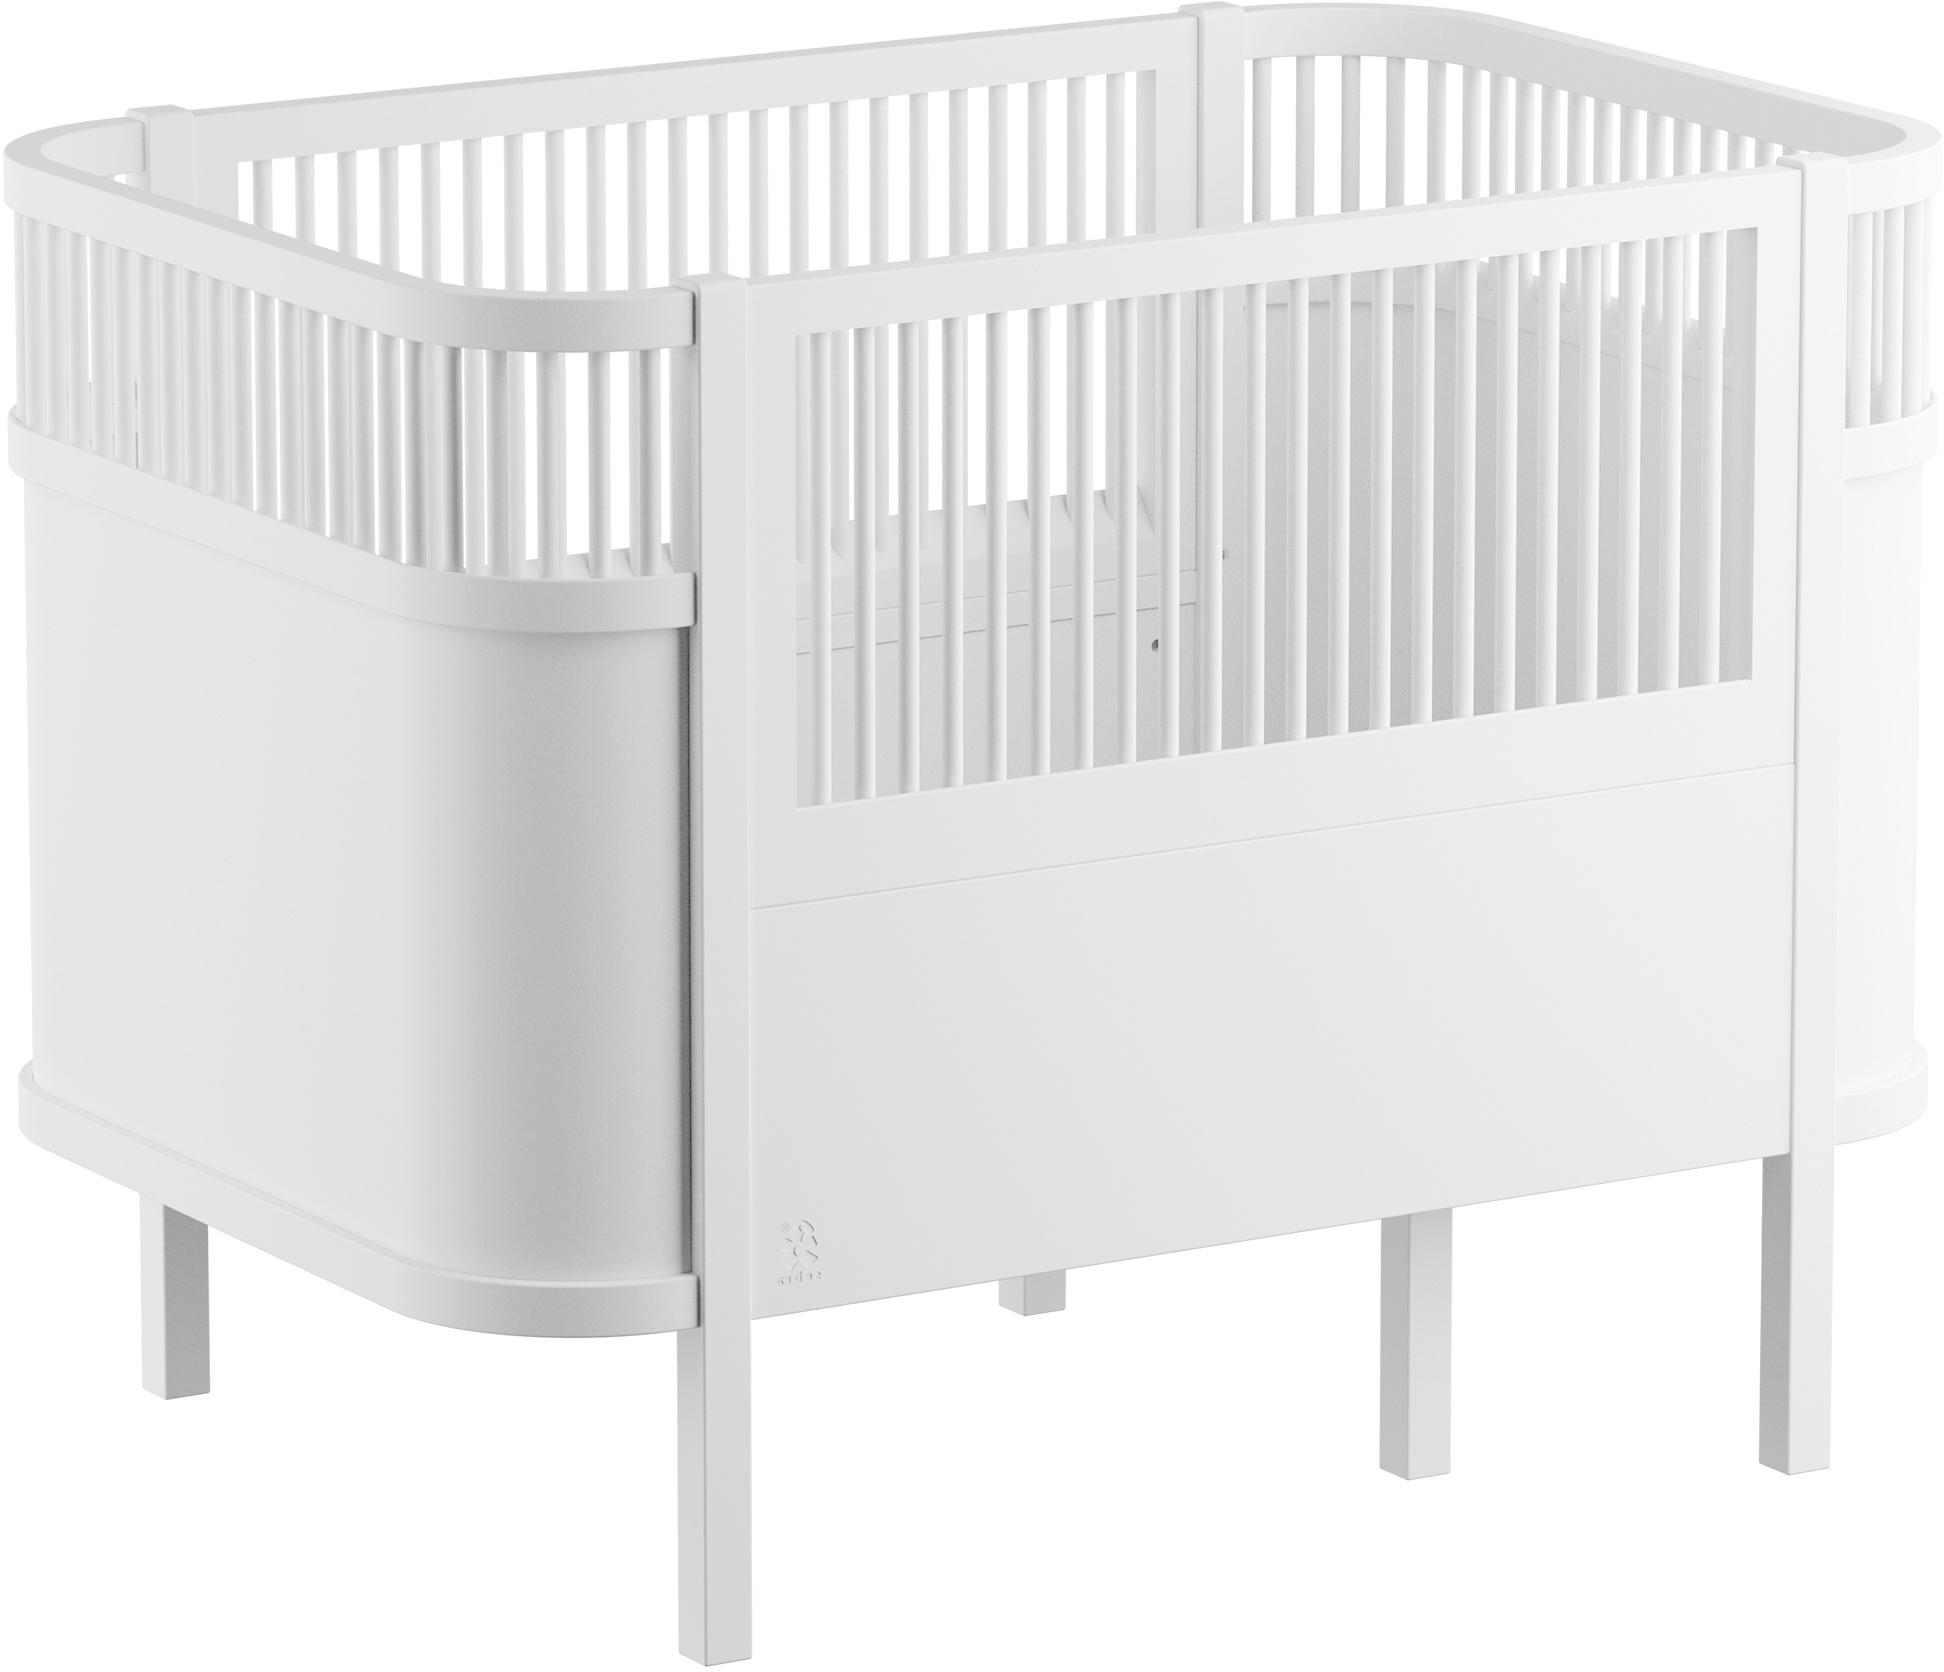 Łóżko dla dzieci Junior, Drewno brzozowe, lakierowane, Biały, S 115 x W 88 cm